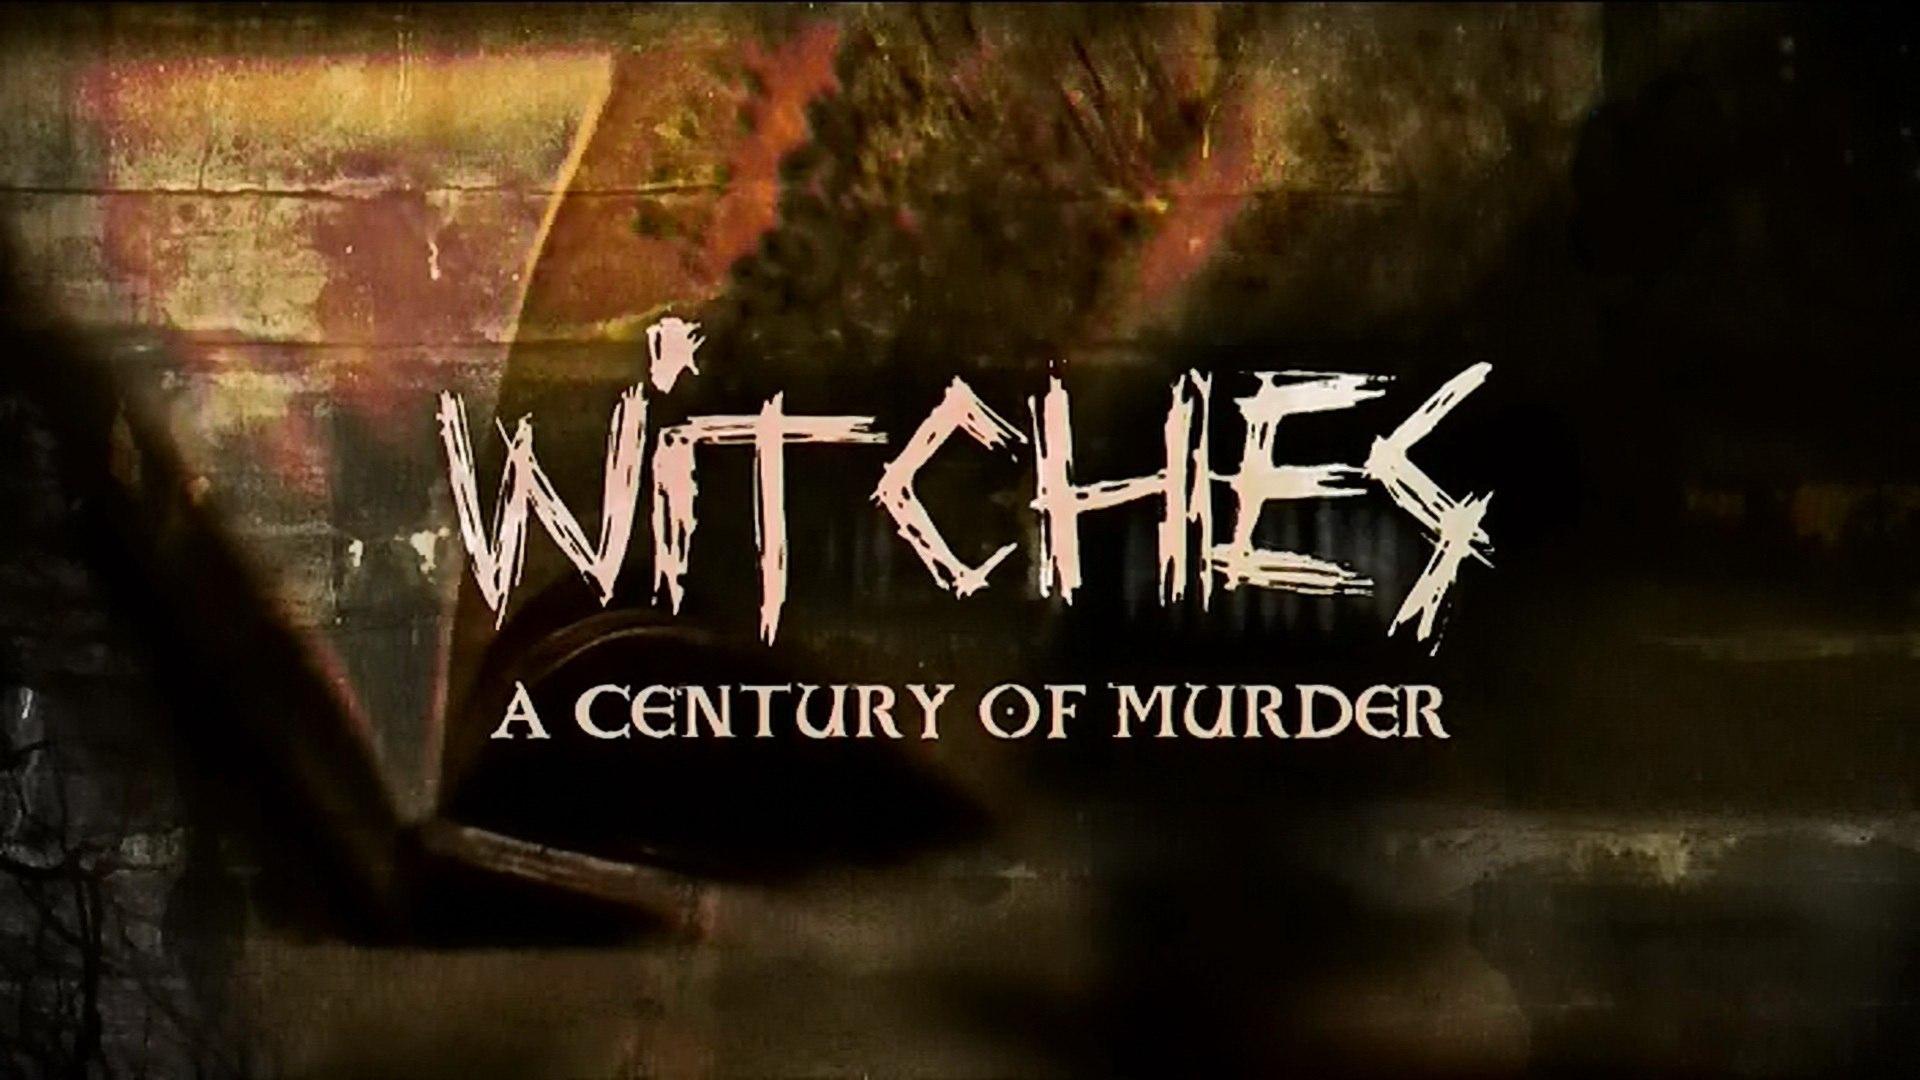 Охота на ведьм: столетие убийств / Witch Hunt A Century of Murder 2 серия из 2 (2015)